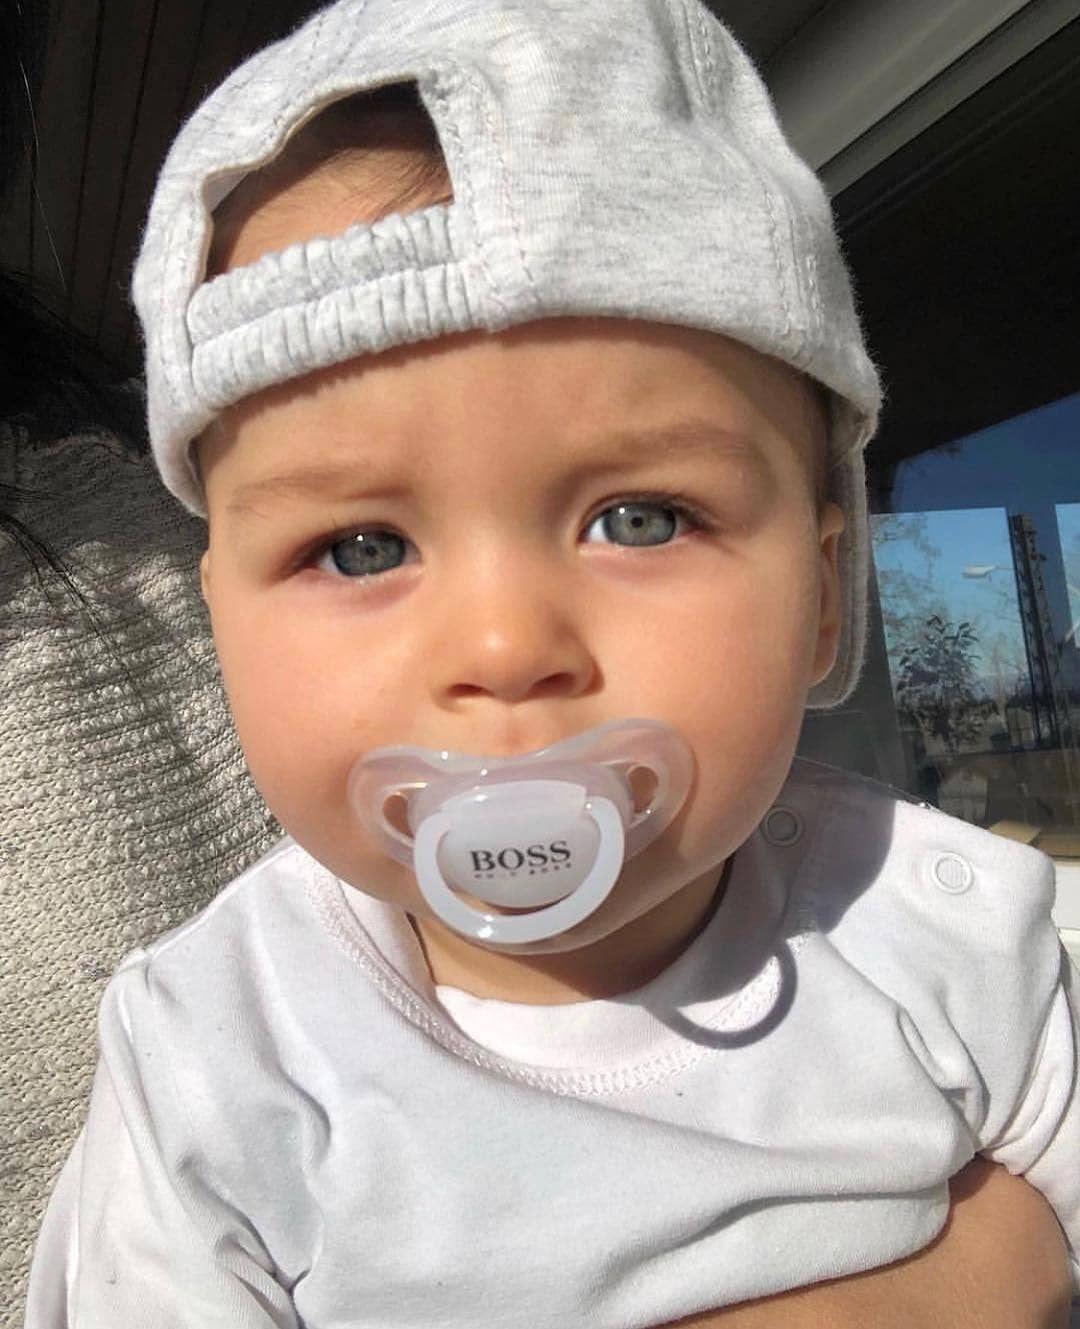 #babys #babysitting #babyboys #babysmiles #babysister #babygram #babys